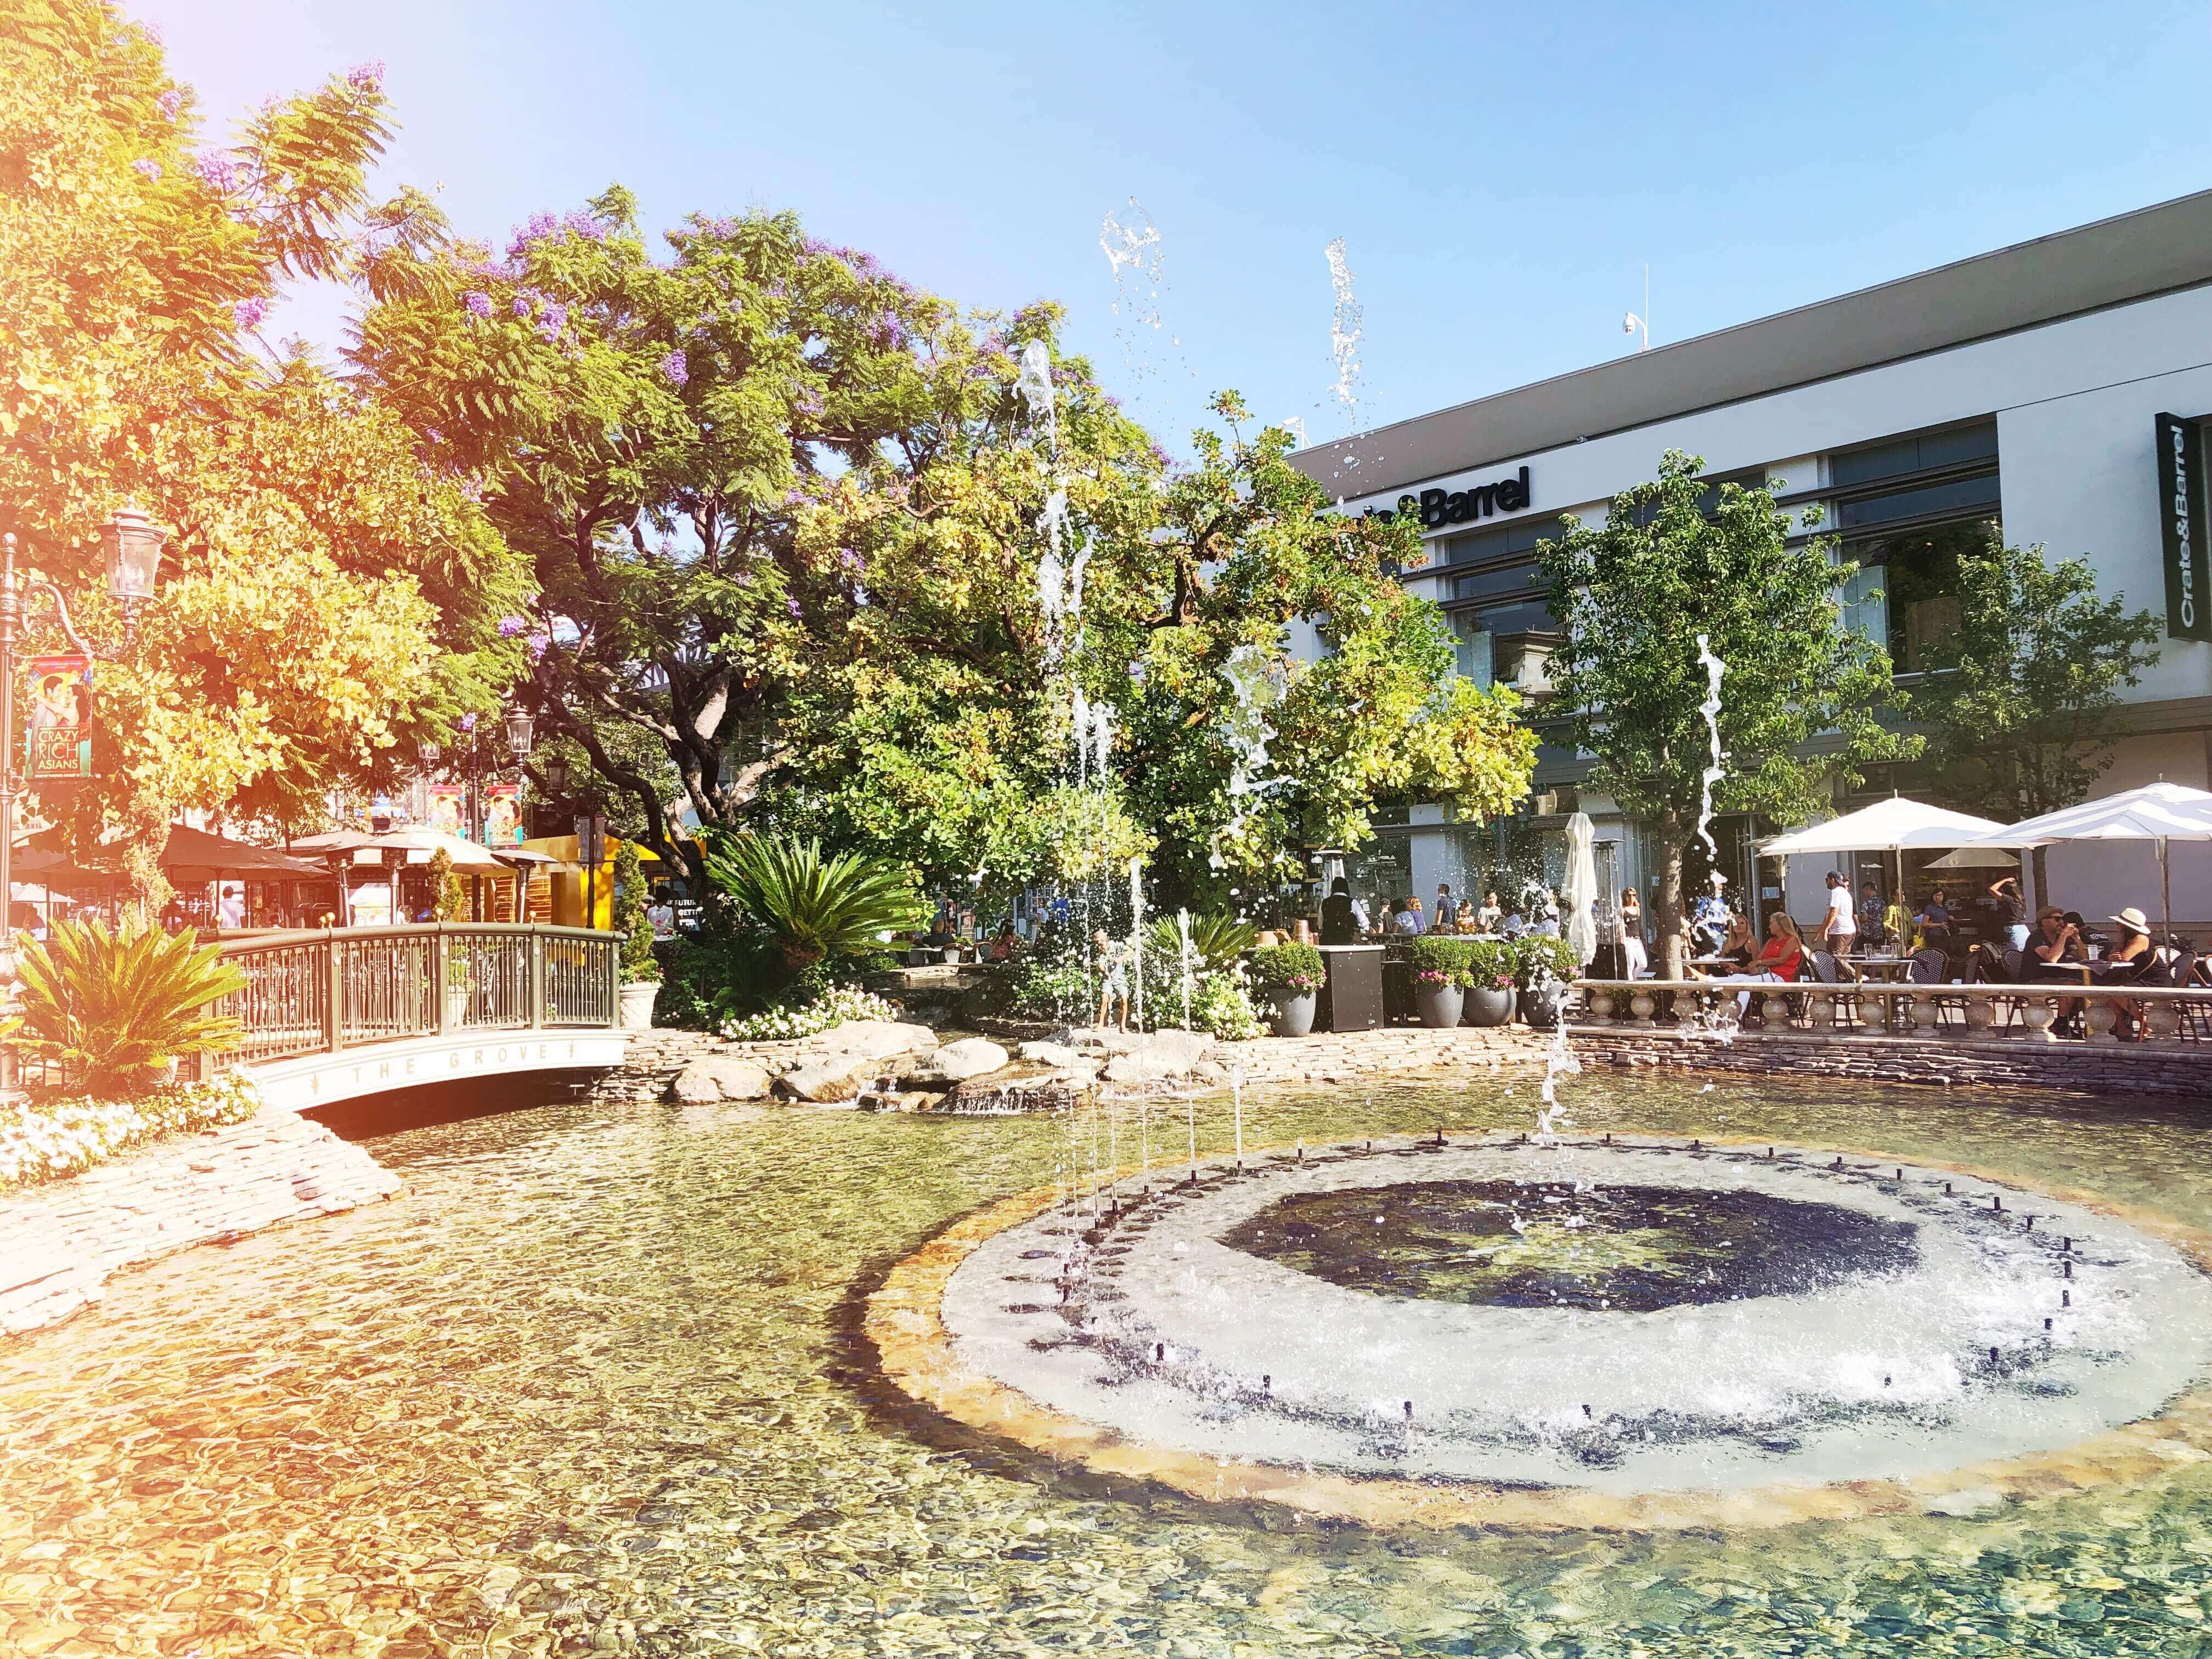 The Grove of Beverly Hills 🎬 Mes 10 endroits préférés à Los Angeles. Carte des quartiers Los Angeles, sur Goodie Mood, le blog Feel Good et Créativité #losAngeles #expatlife #changerdevie #venice #santaMonica #theGrove #beverlyHills